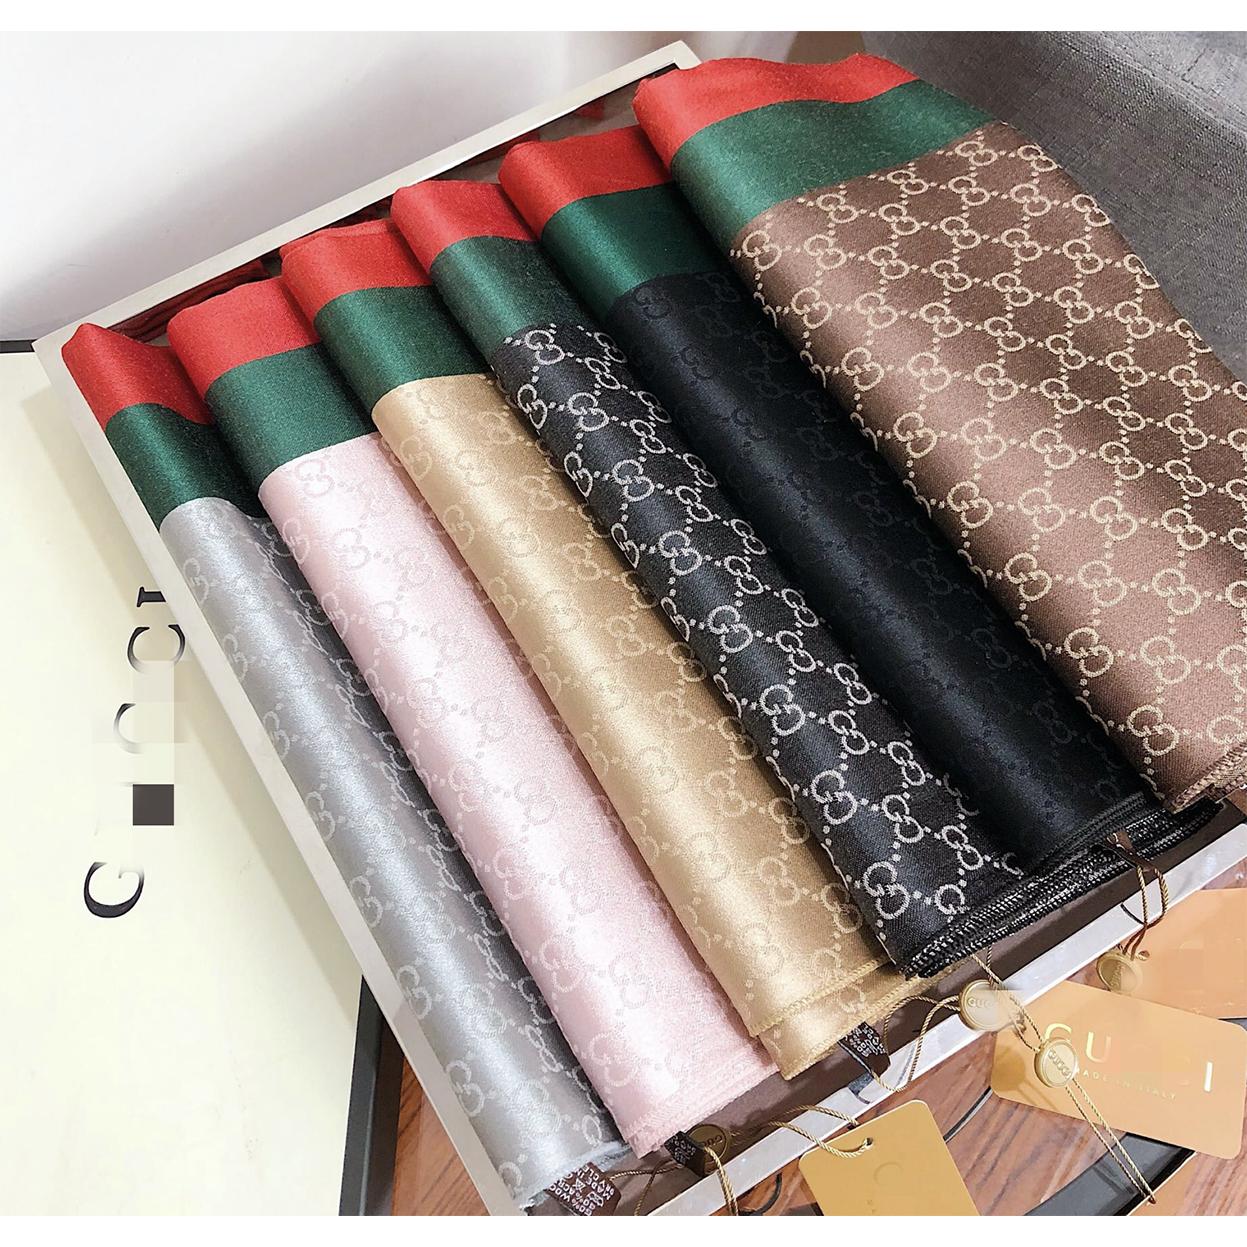 크몽 구찌 쌍g 자수 유럽 명품브랜드 새 디자인 스카프 가을겨울 순색 록색 목도리 여성 에어컨 목도리 도매가능